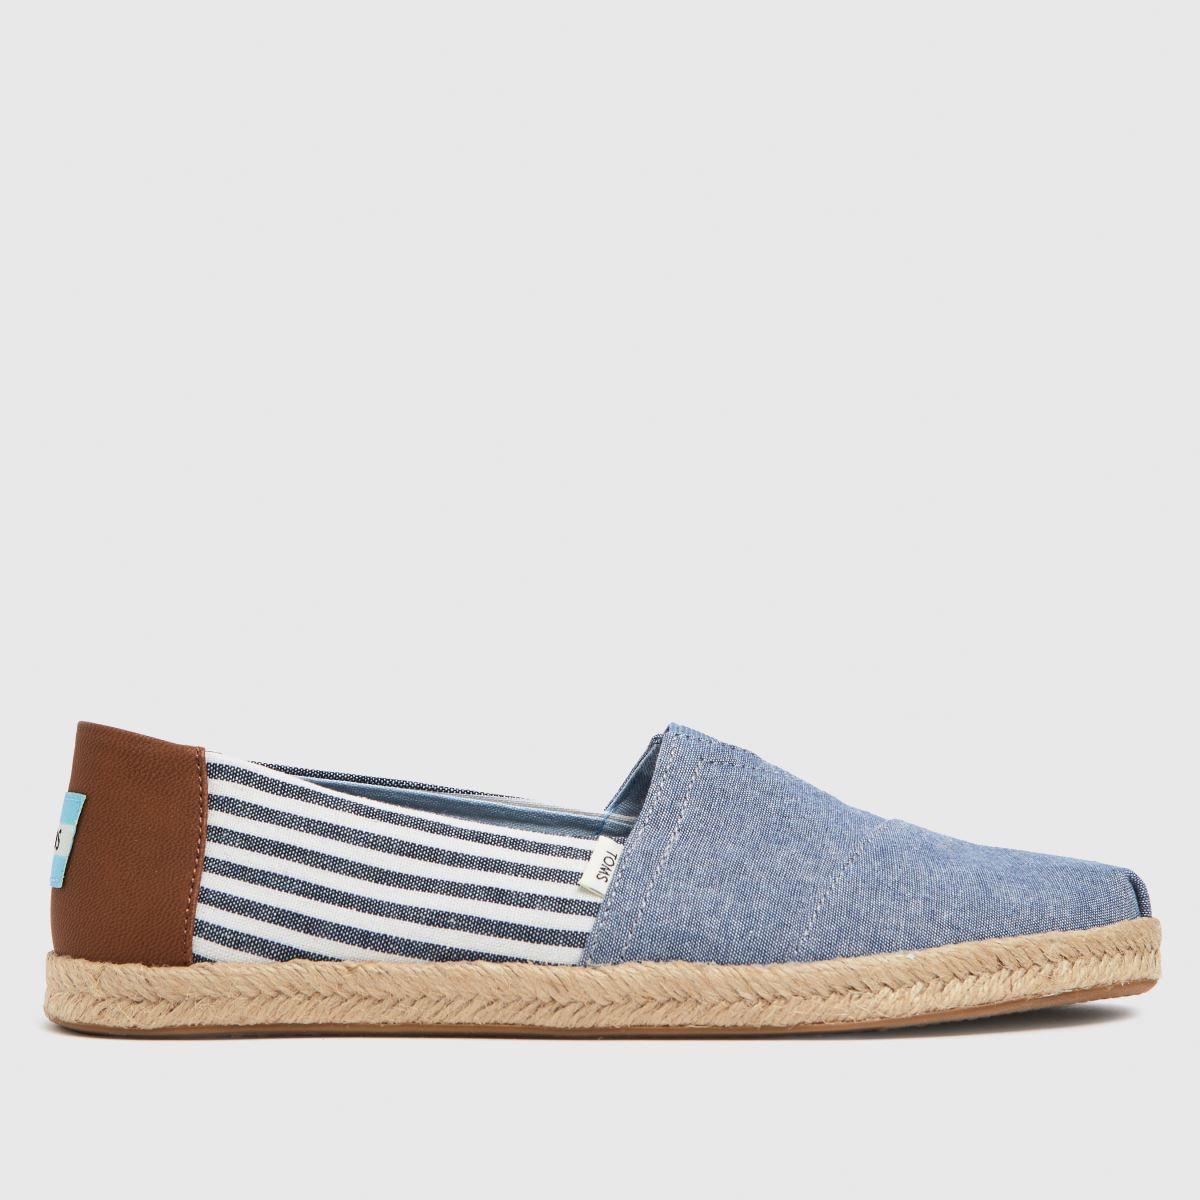 TOMS Pale Blue Alpargata Rope Vegan Shoes